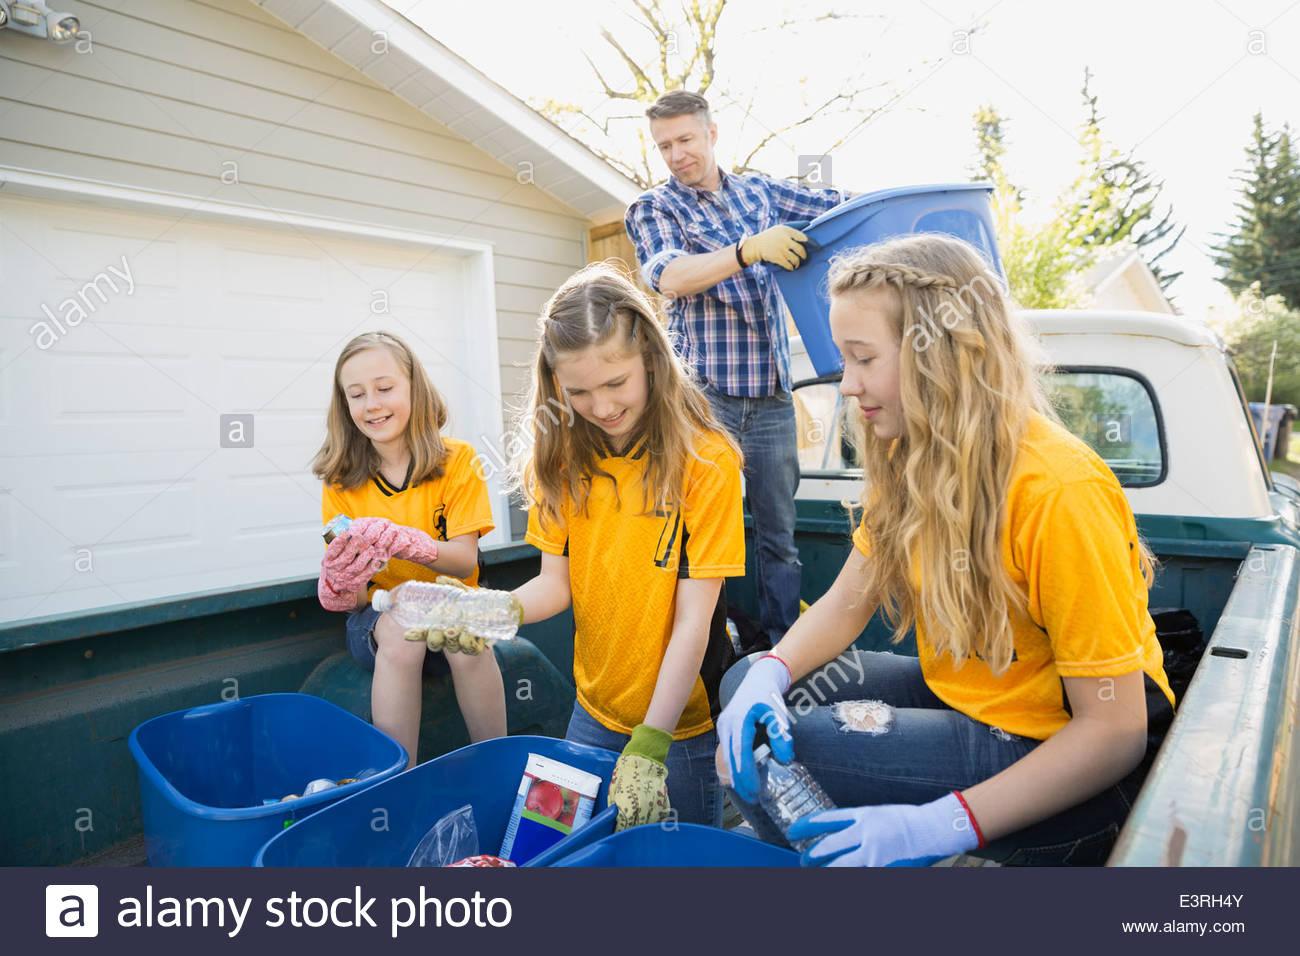 Ragazze in uniformi di riciclaggio di smistamento nel letto del carrello Immagini Stock